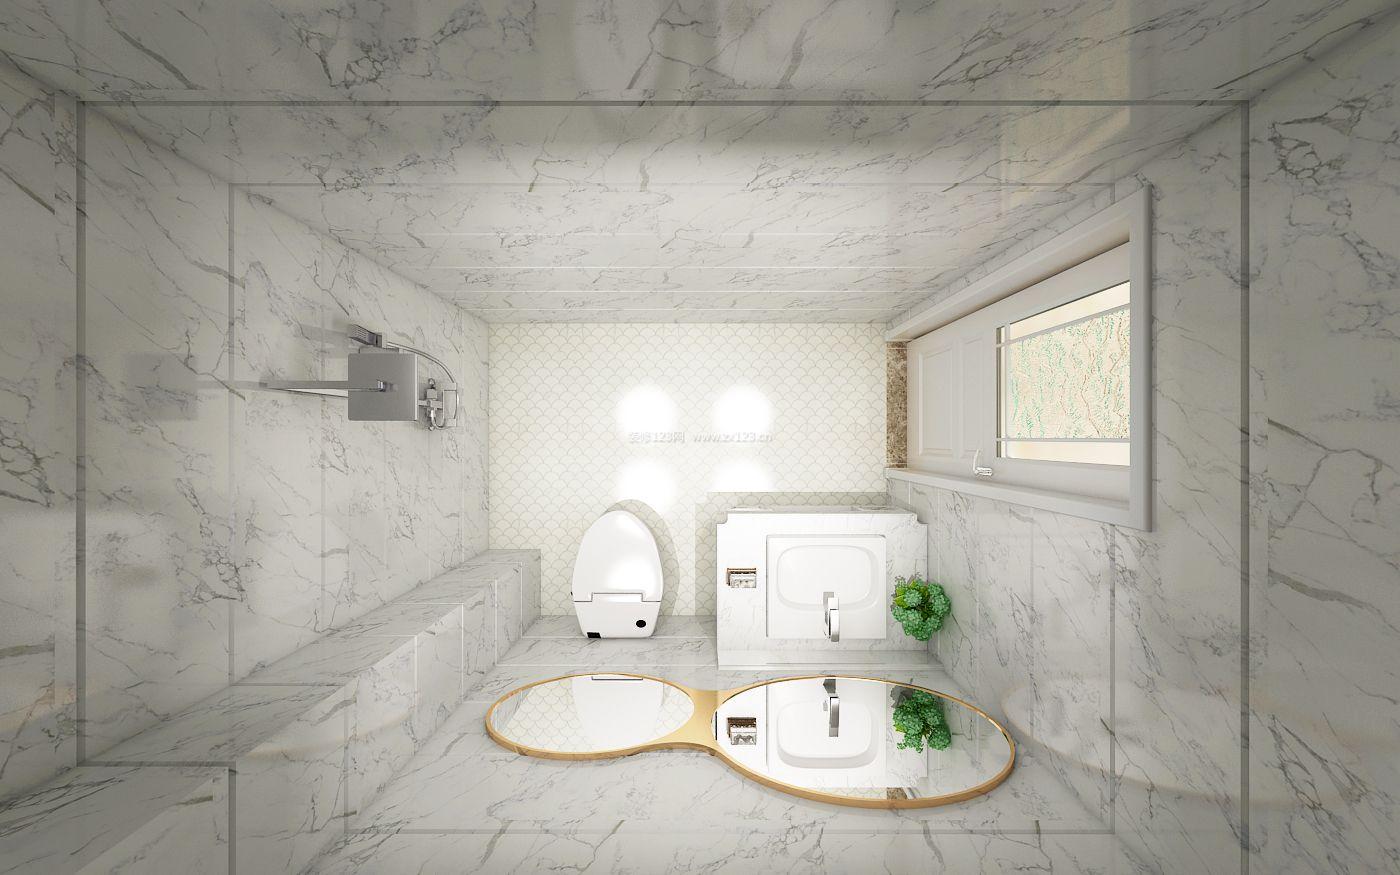 2017低调现代简易卫生间大理石背景墙装修效果图片